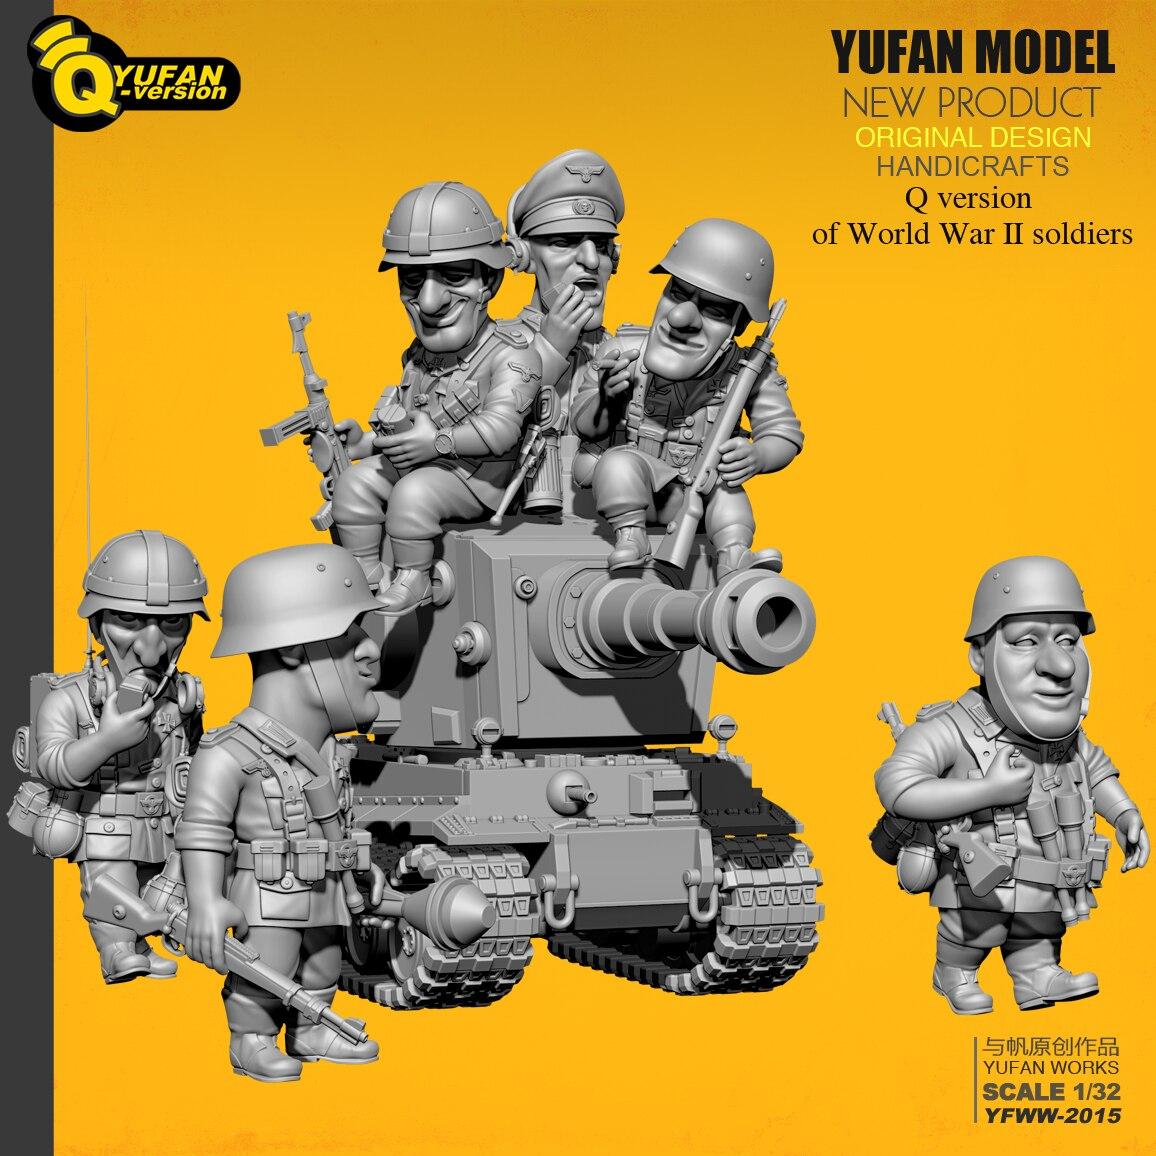 Yufan Modell 1/32 Soldat Q version der soldat 6 plus tank set Yfww 2015-in Modellbau-Kits aus Spielzeug und Hobbys bei  Gruppe 1